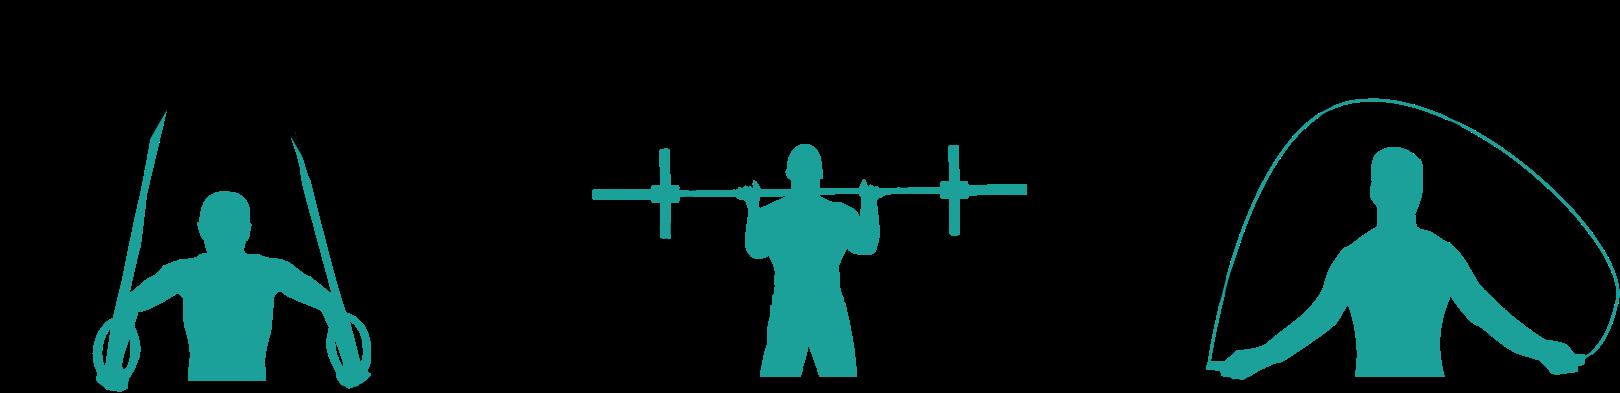 Illustrions pour décrire le CrossFit.